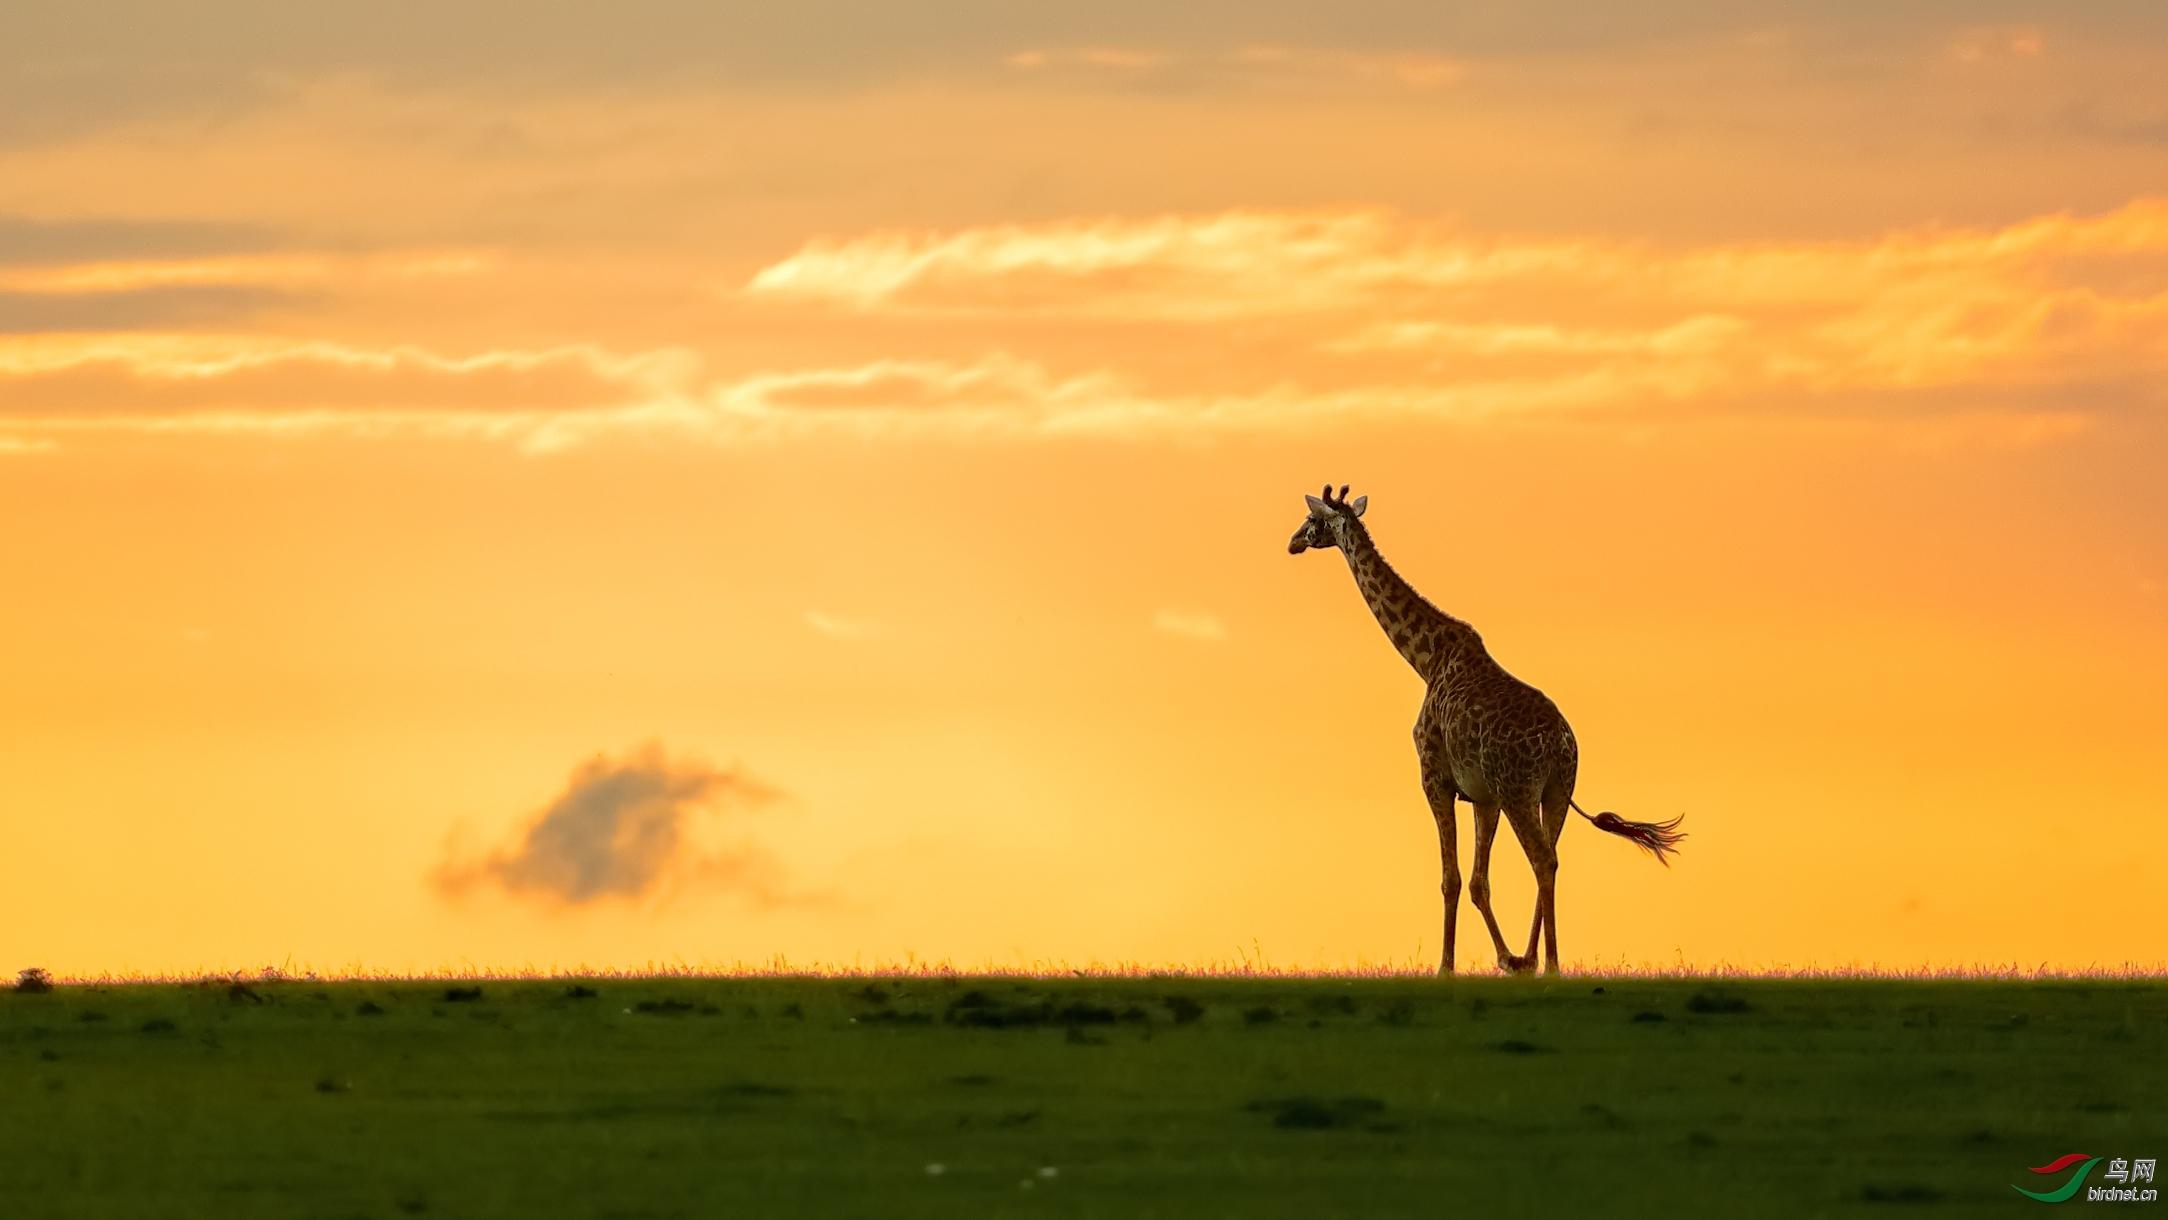 暮光下的长颈鹿.jpg